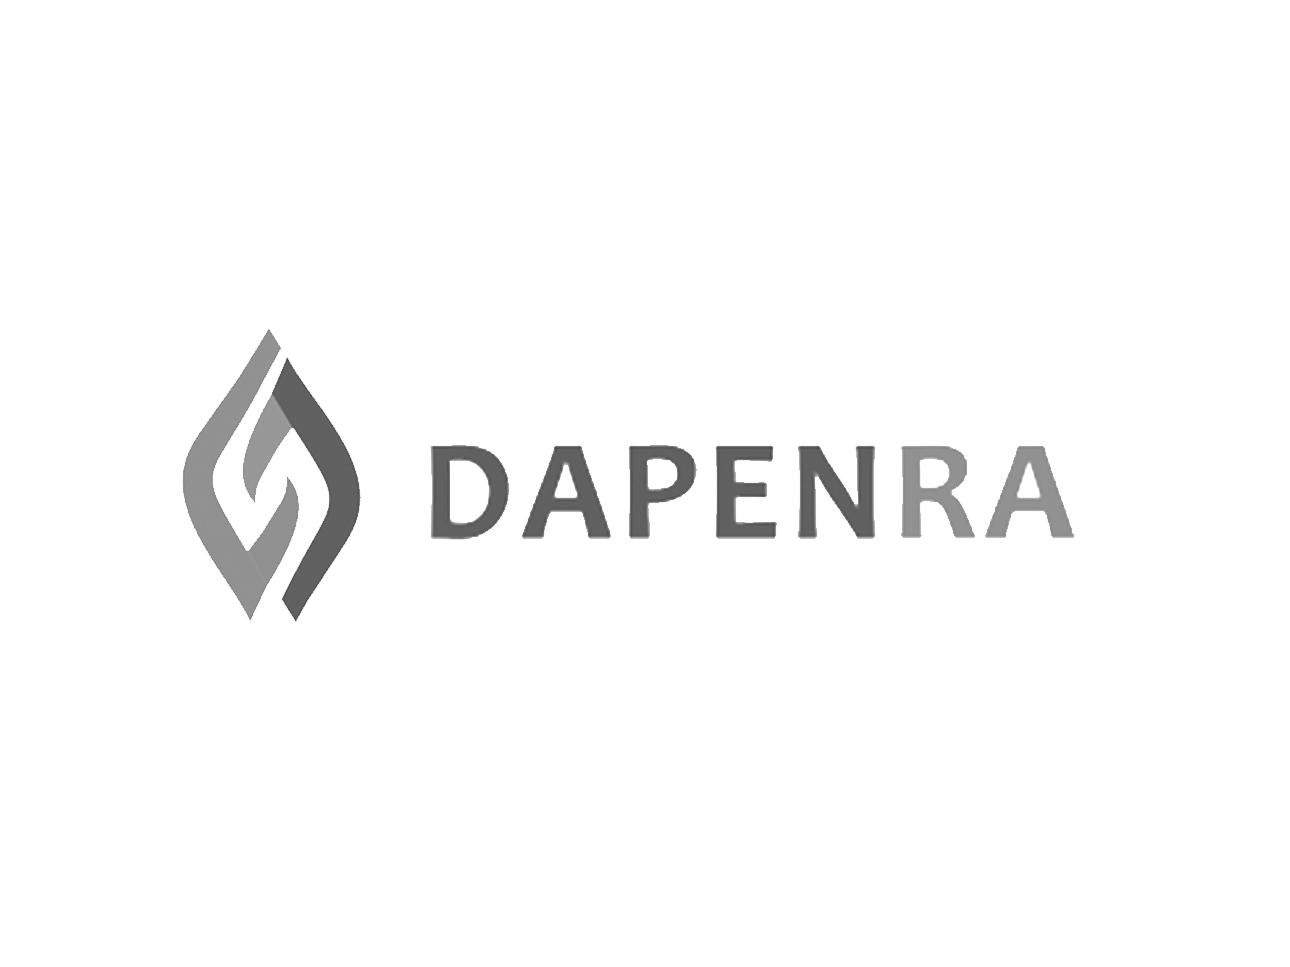 DAPENRA